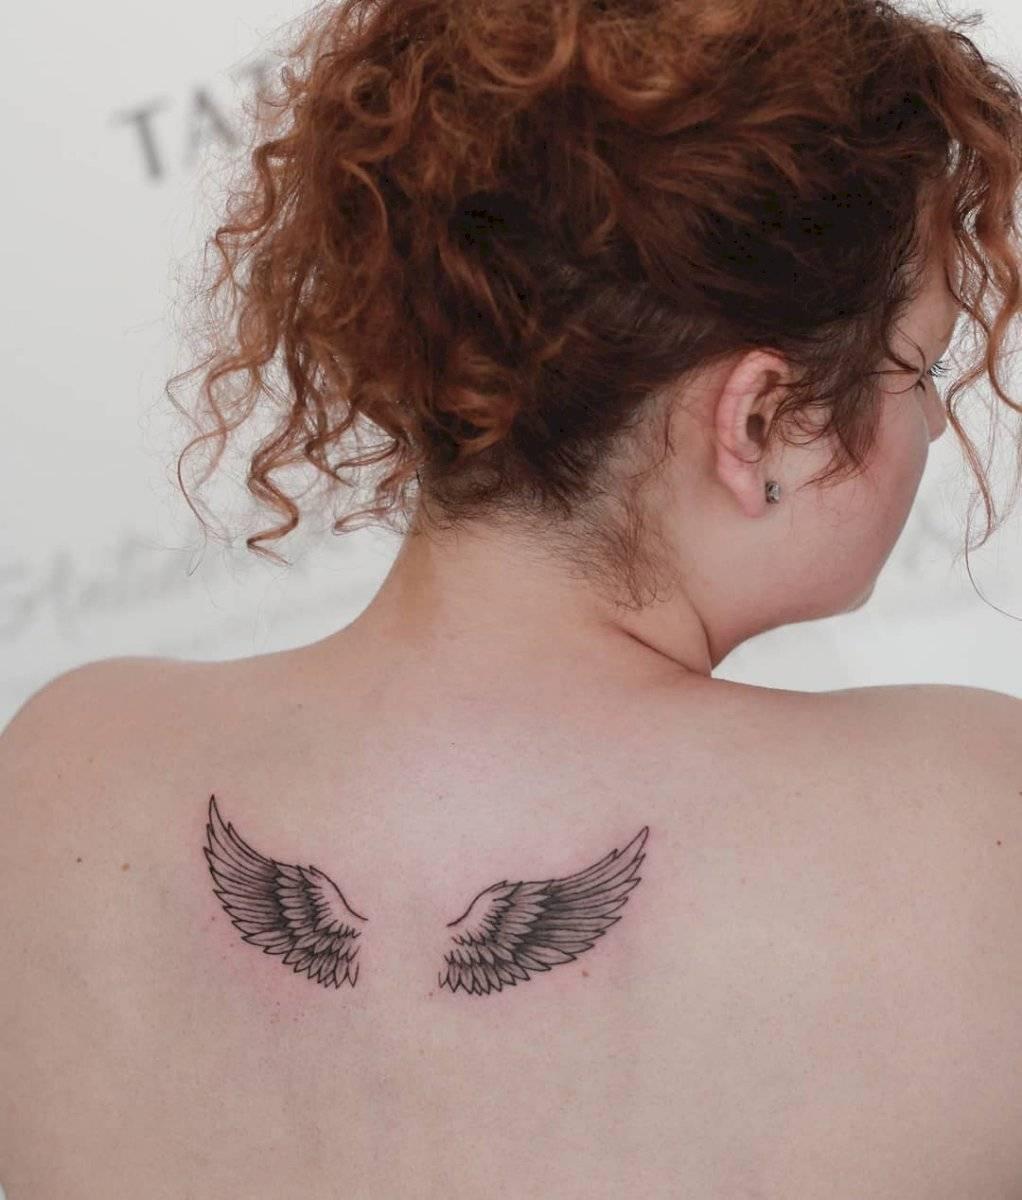 Tatuajes Con Alas Para Mujeres Que Vuelan Alto Hasta Lograr Sus Suenos Nueva Mujer